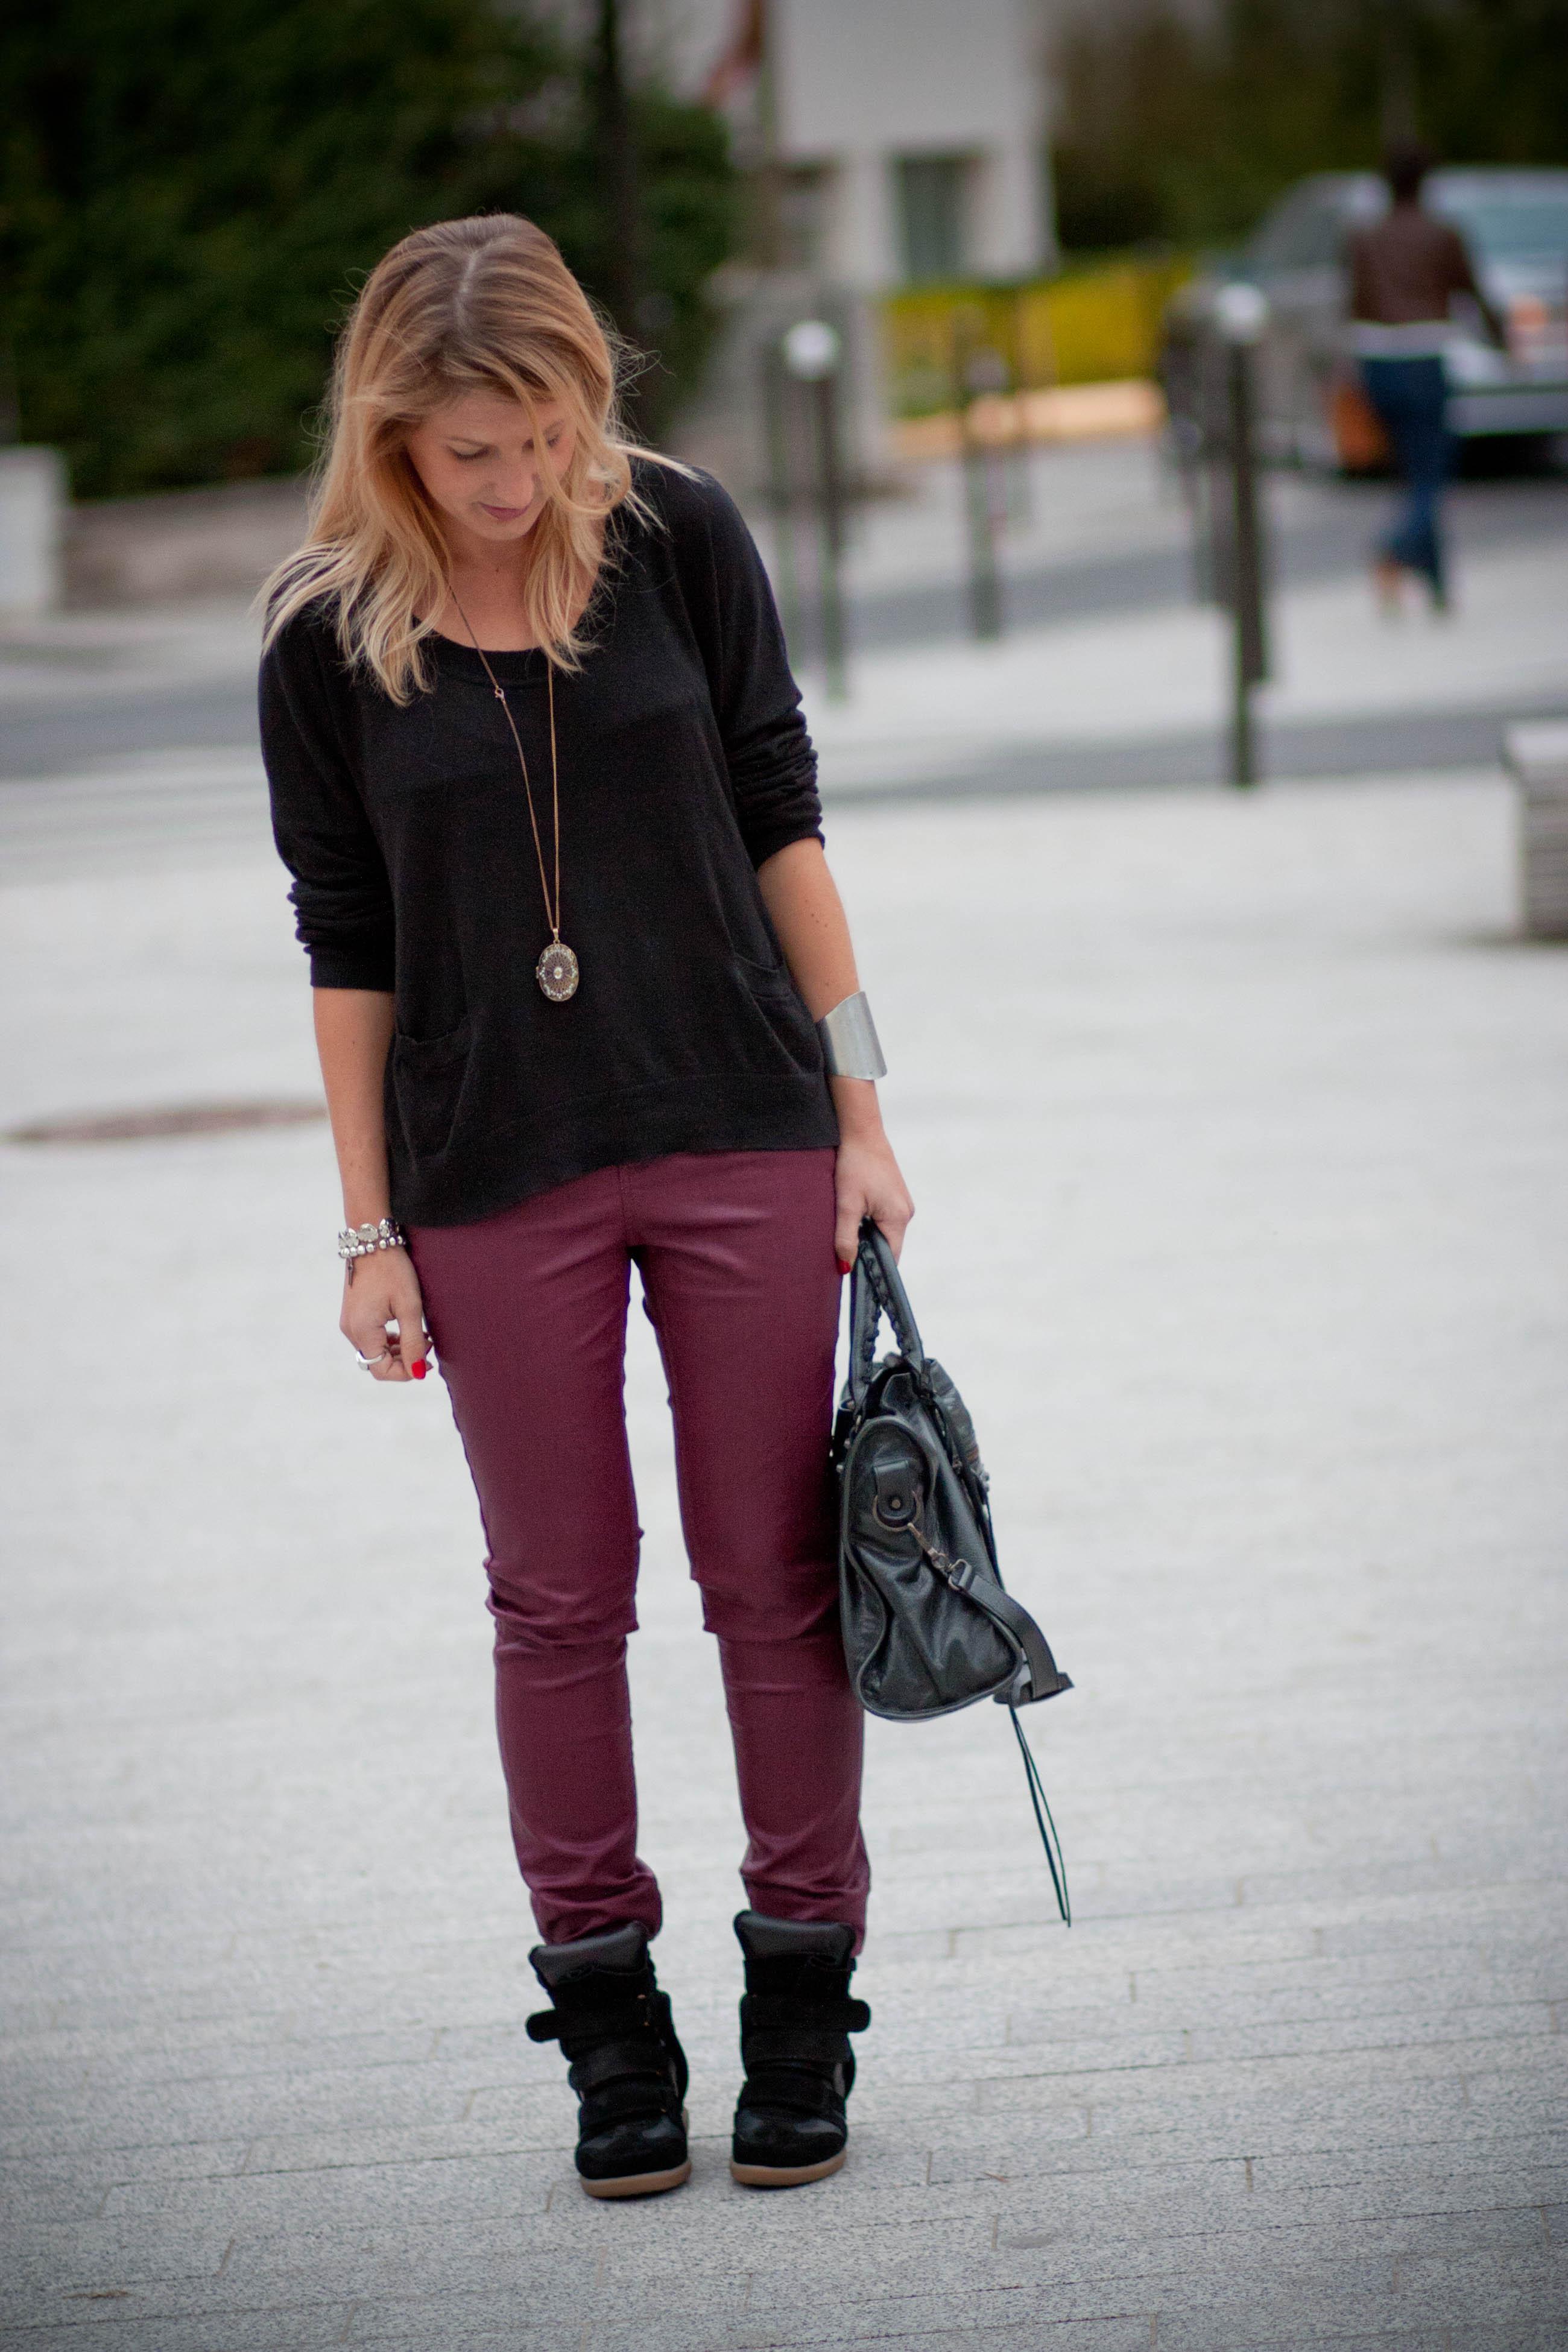 Pull Pimkie, pantalon Zara ( collection actuelle), baskets Beckett Isabel Marant (collection actuelle), sac Balenciaga.